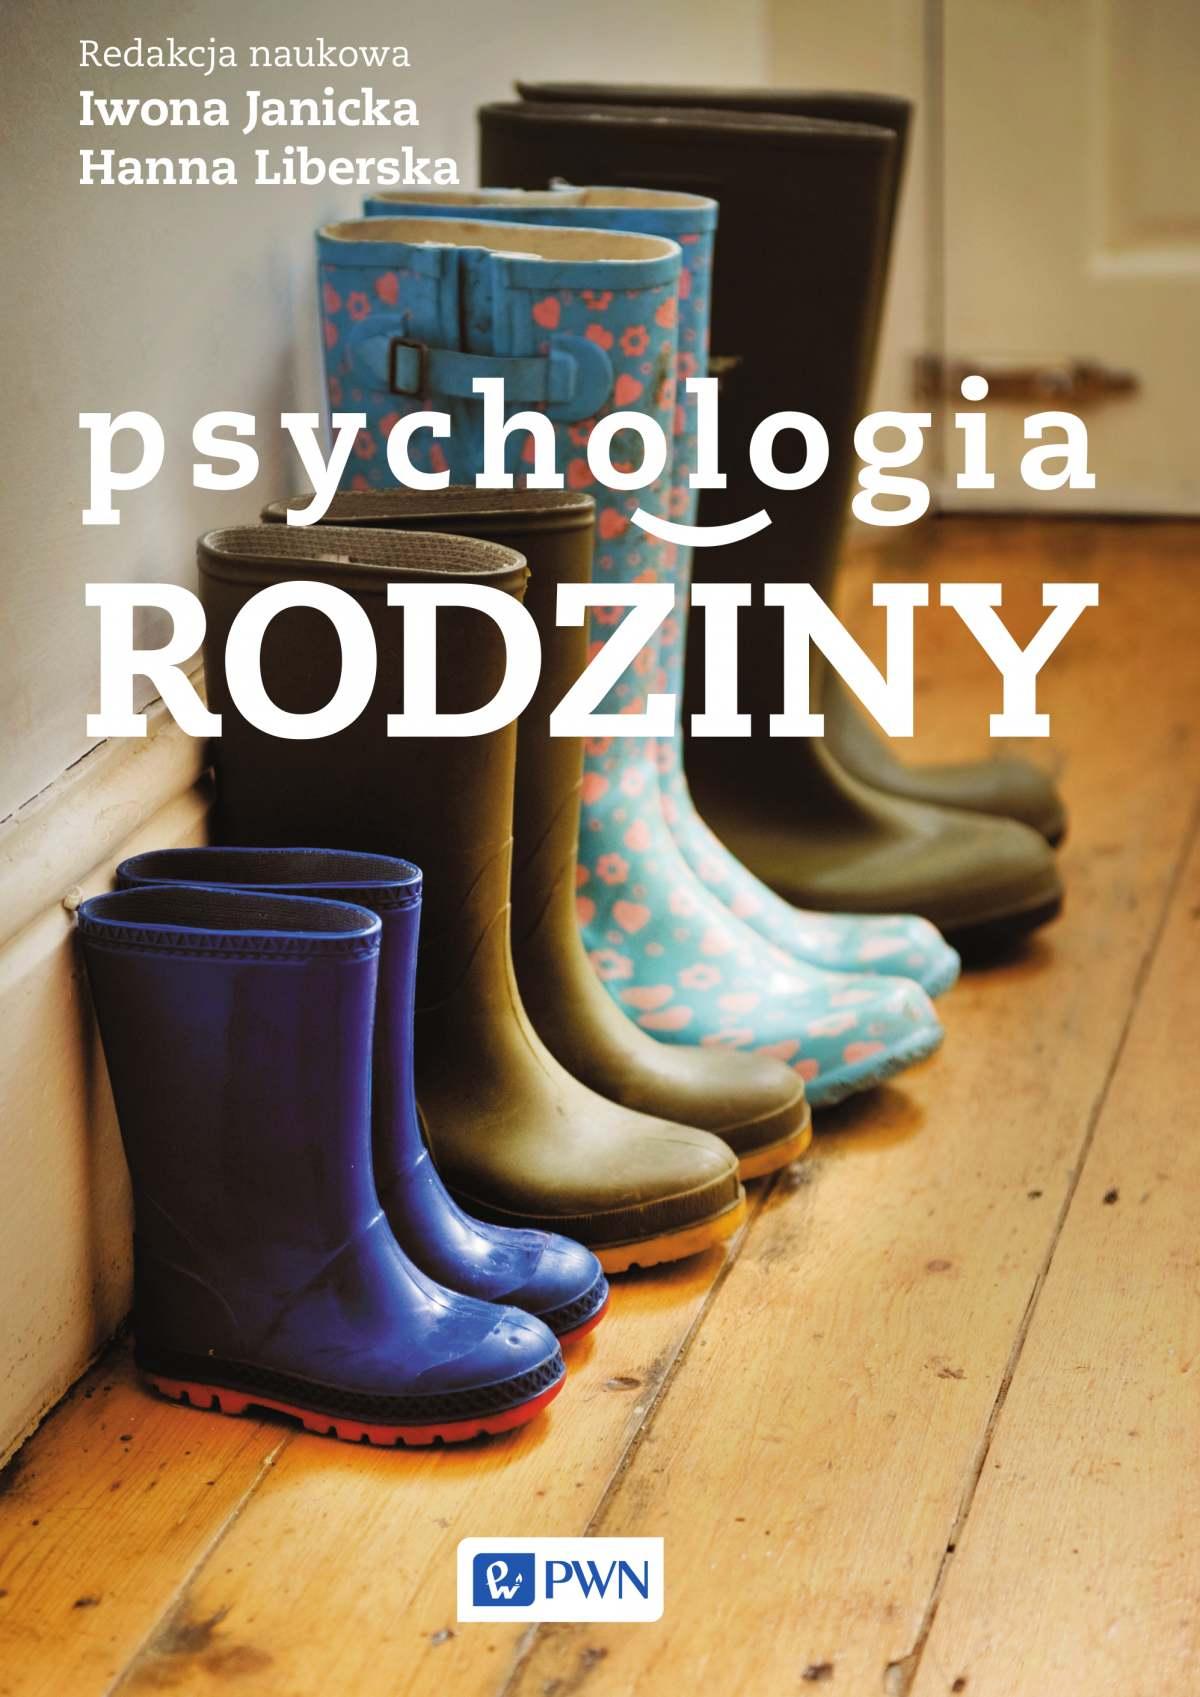 Psychologia rodziny - Ebook (Książka na Kindle) do pobrania w formacie MOBI